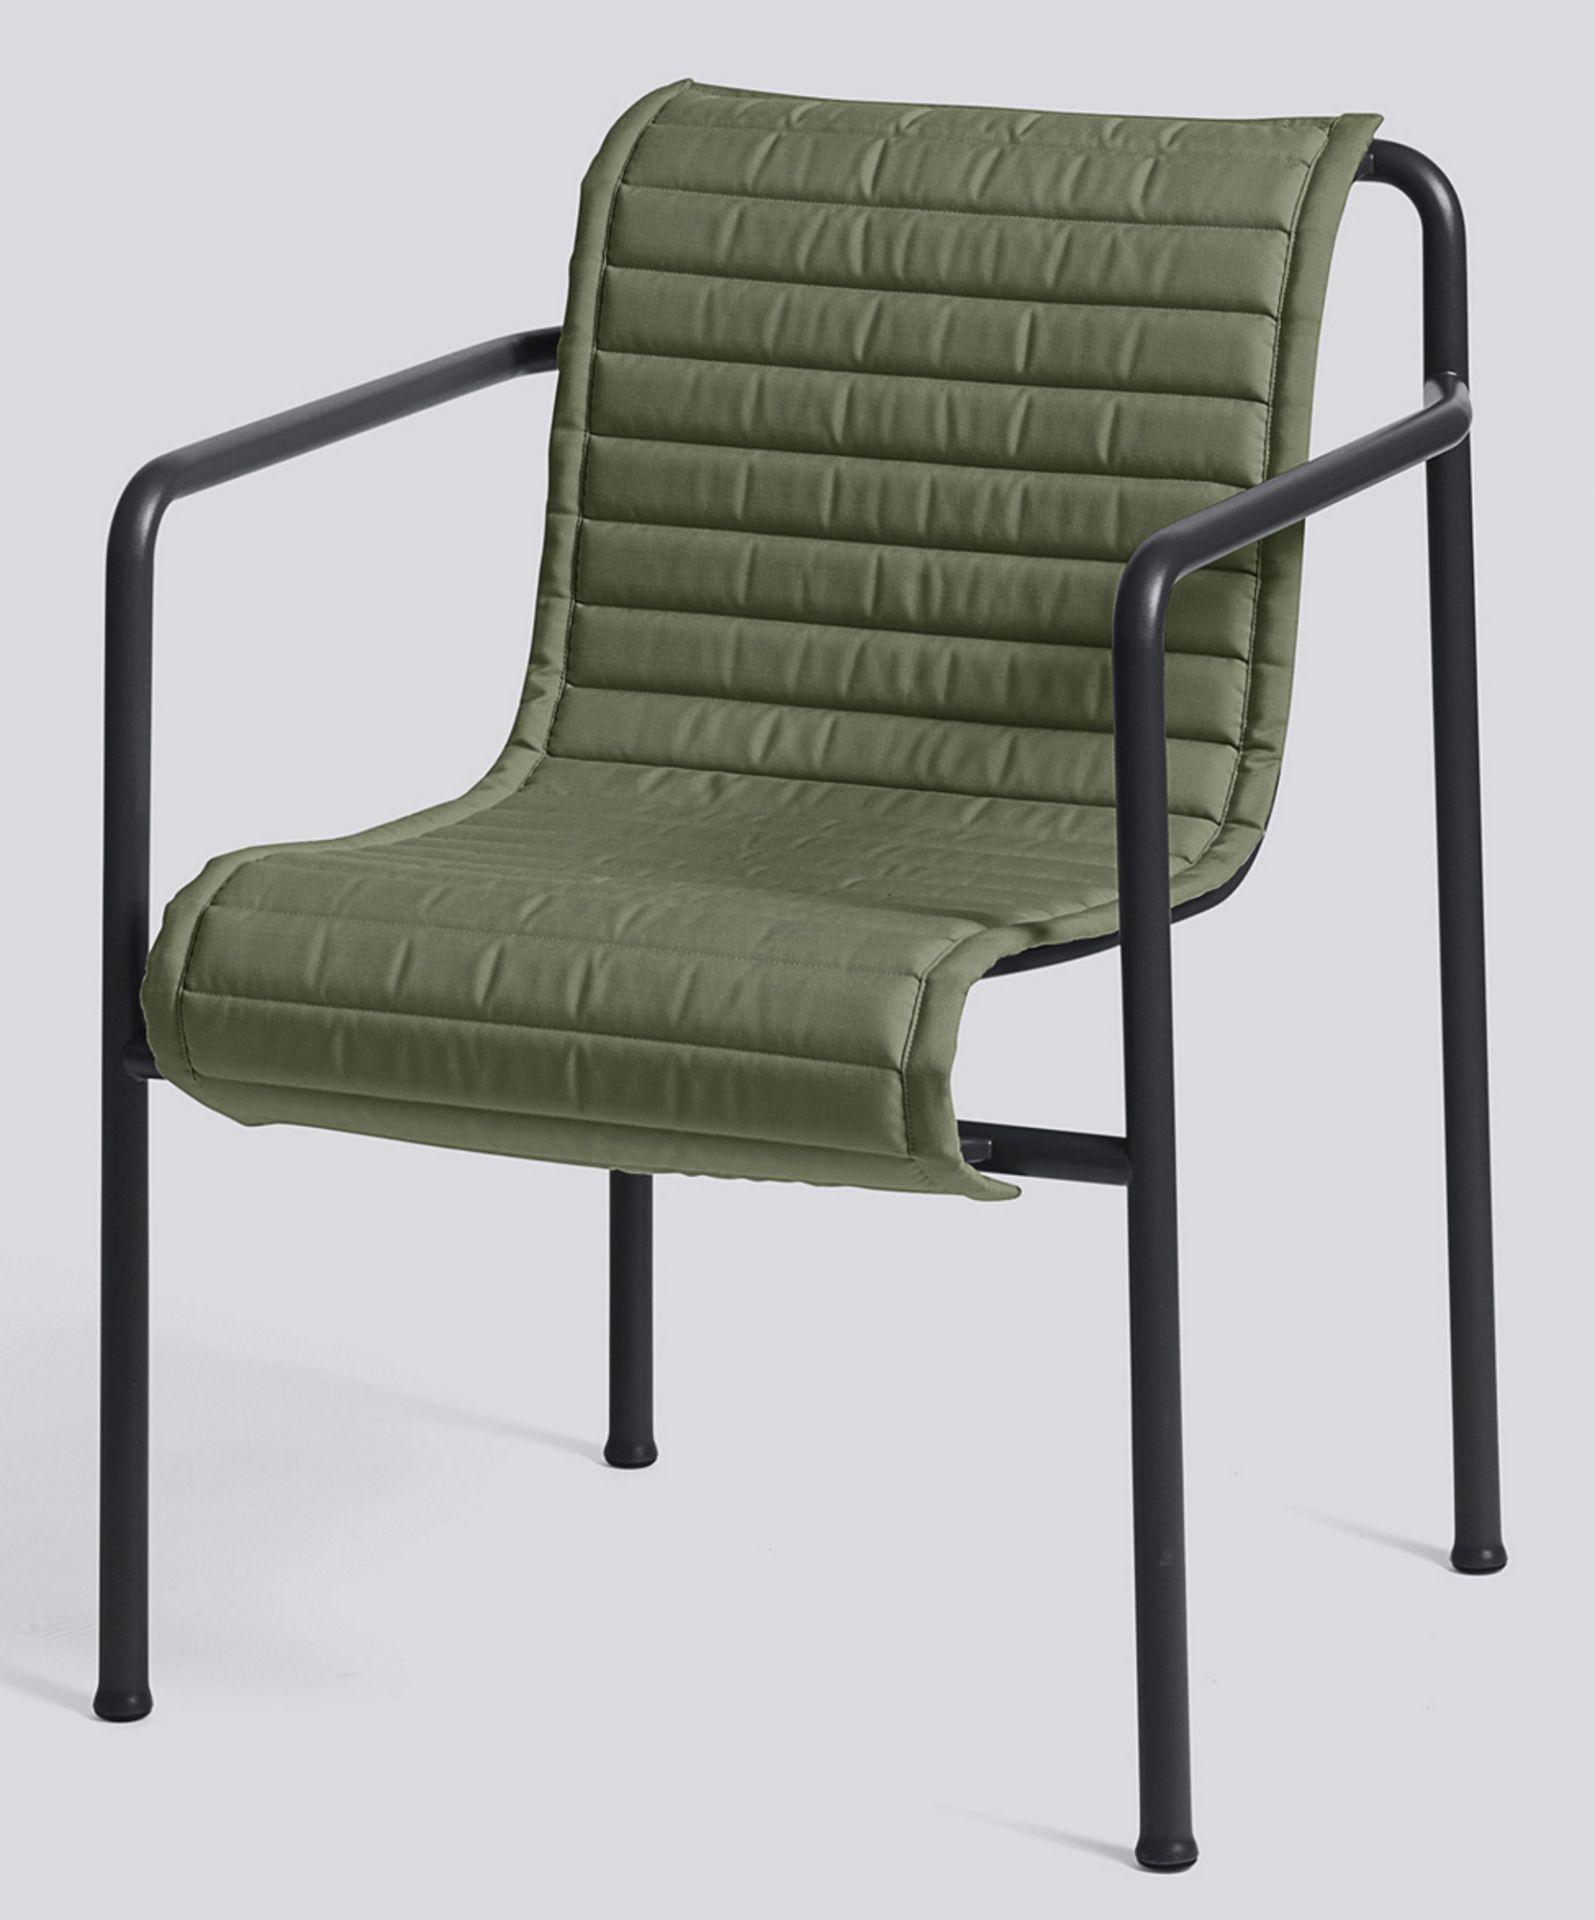 Palissade Quilt Cushion Sitzkissen LOUNGE CHAIR Hay EINZELSTÜCKE